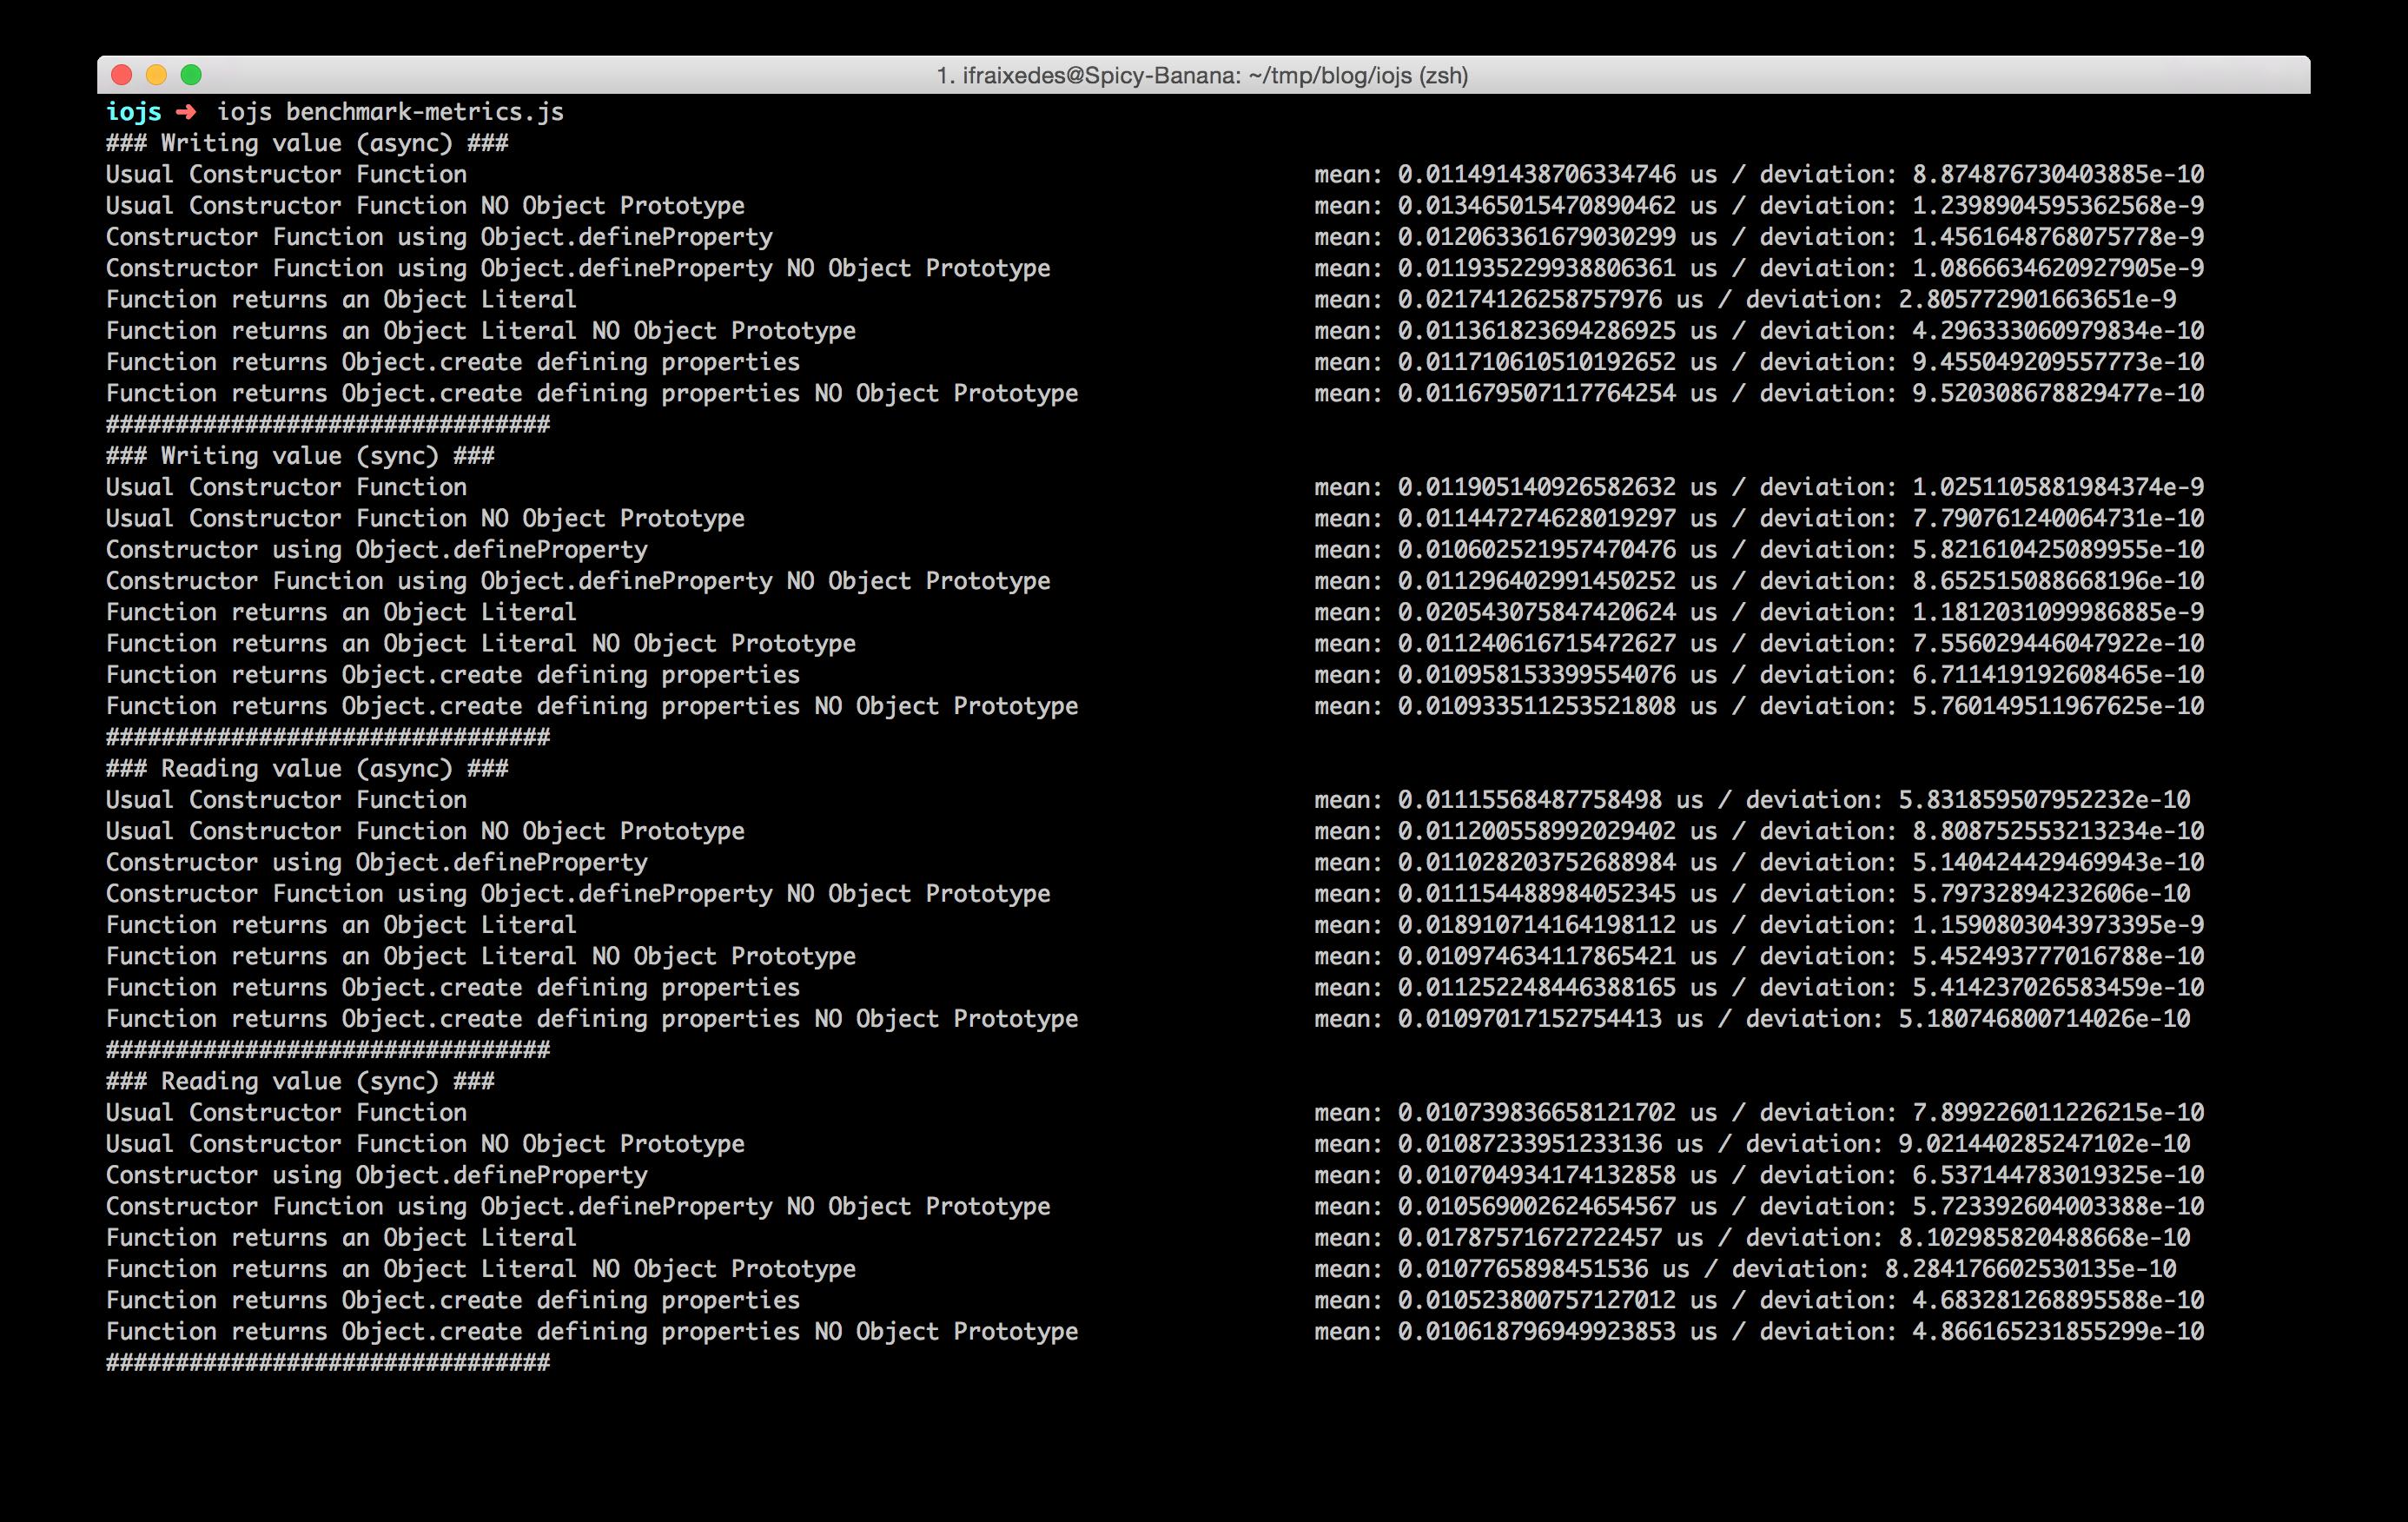 iojs v1.1.0 benchmark